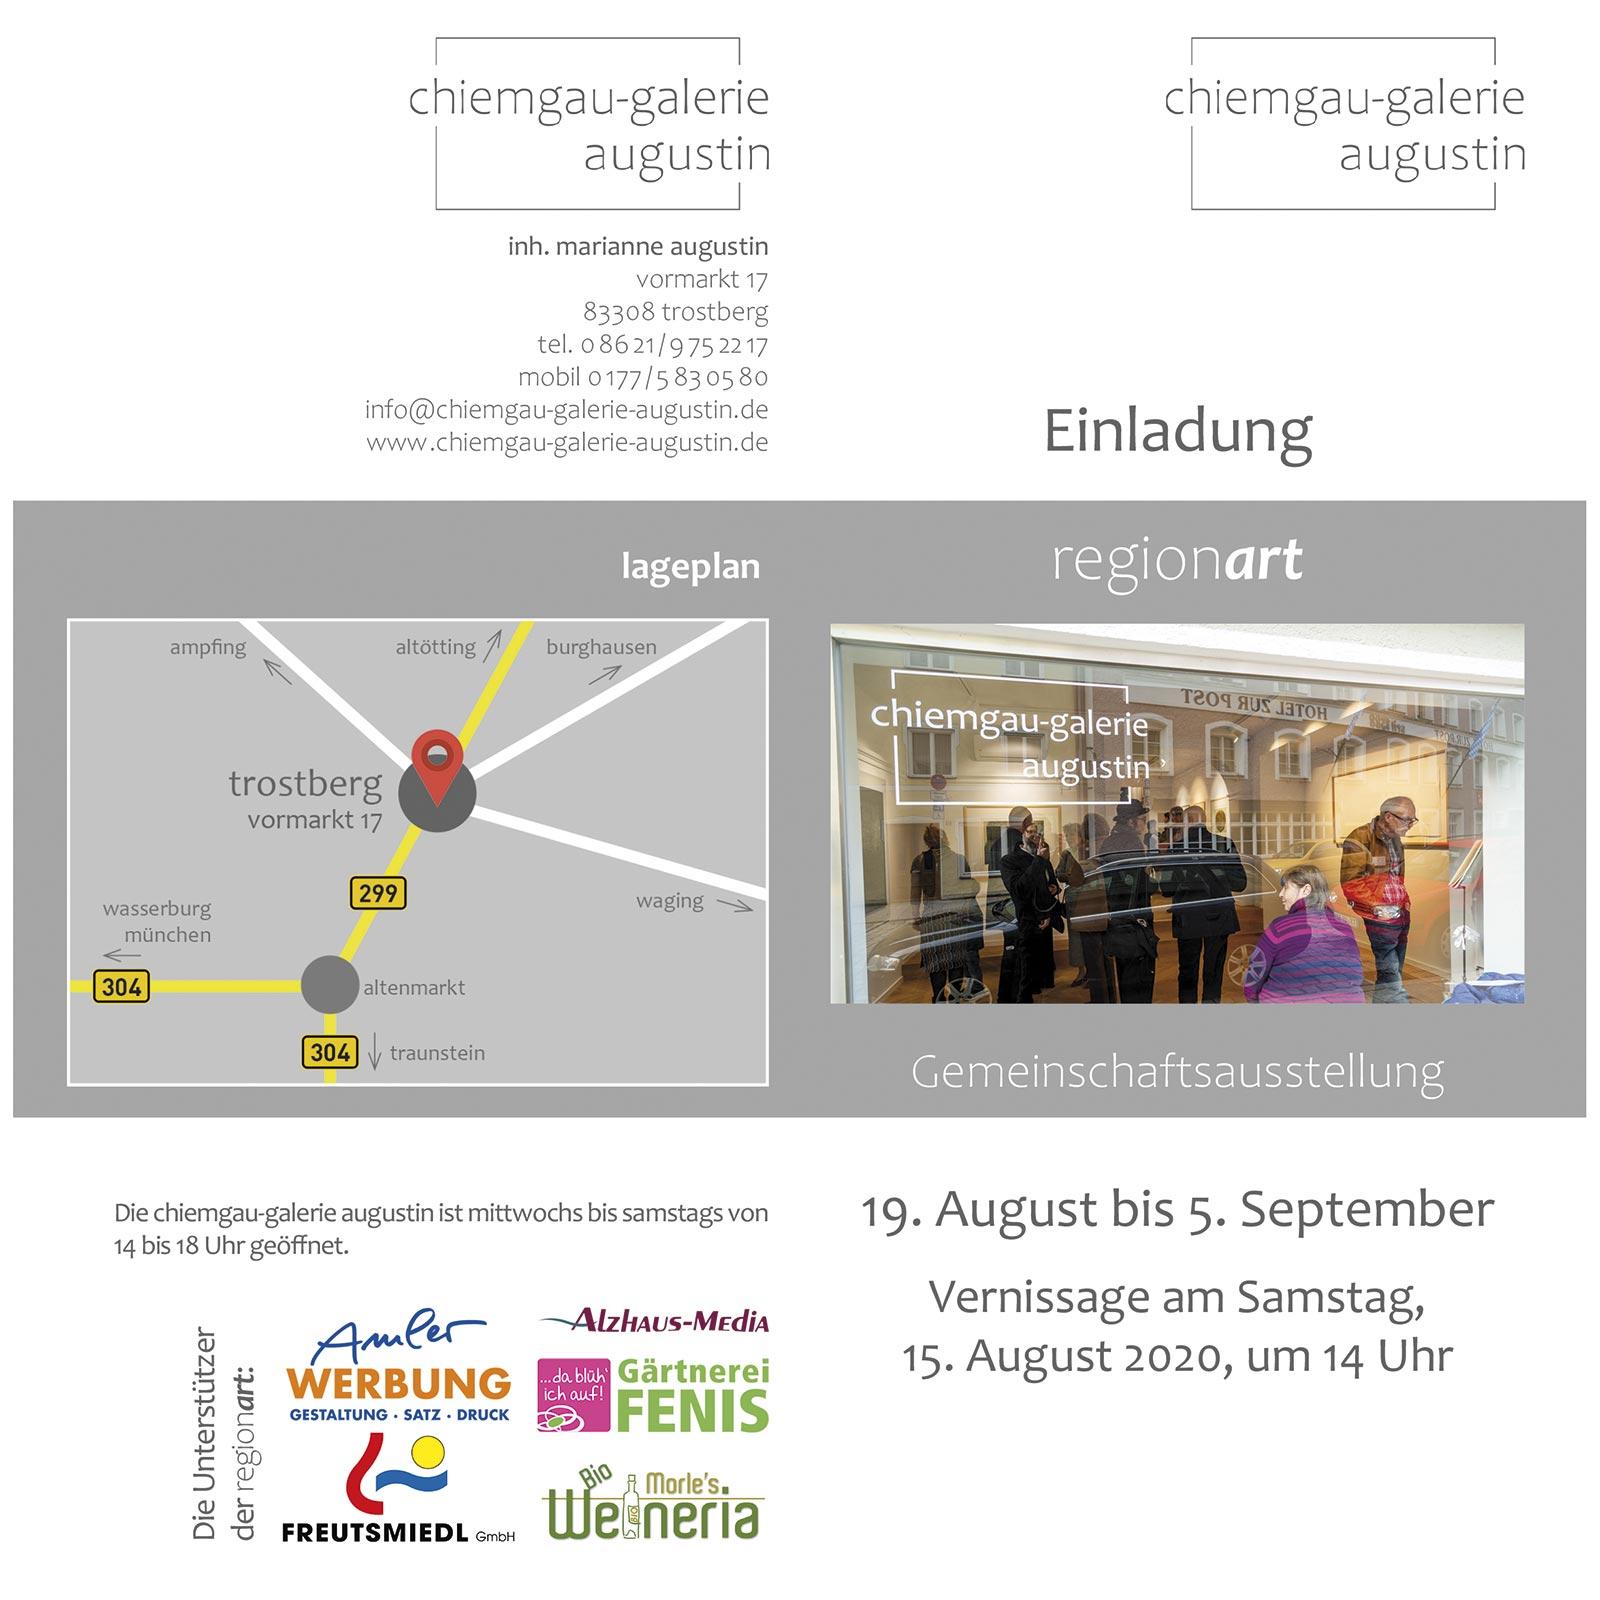 chiemgau-galerie augustin | Gruppenausstellung | John Schmitz